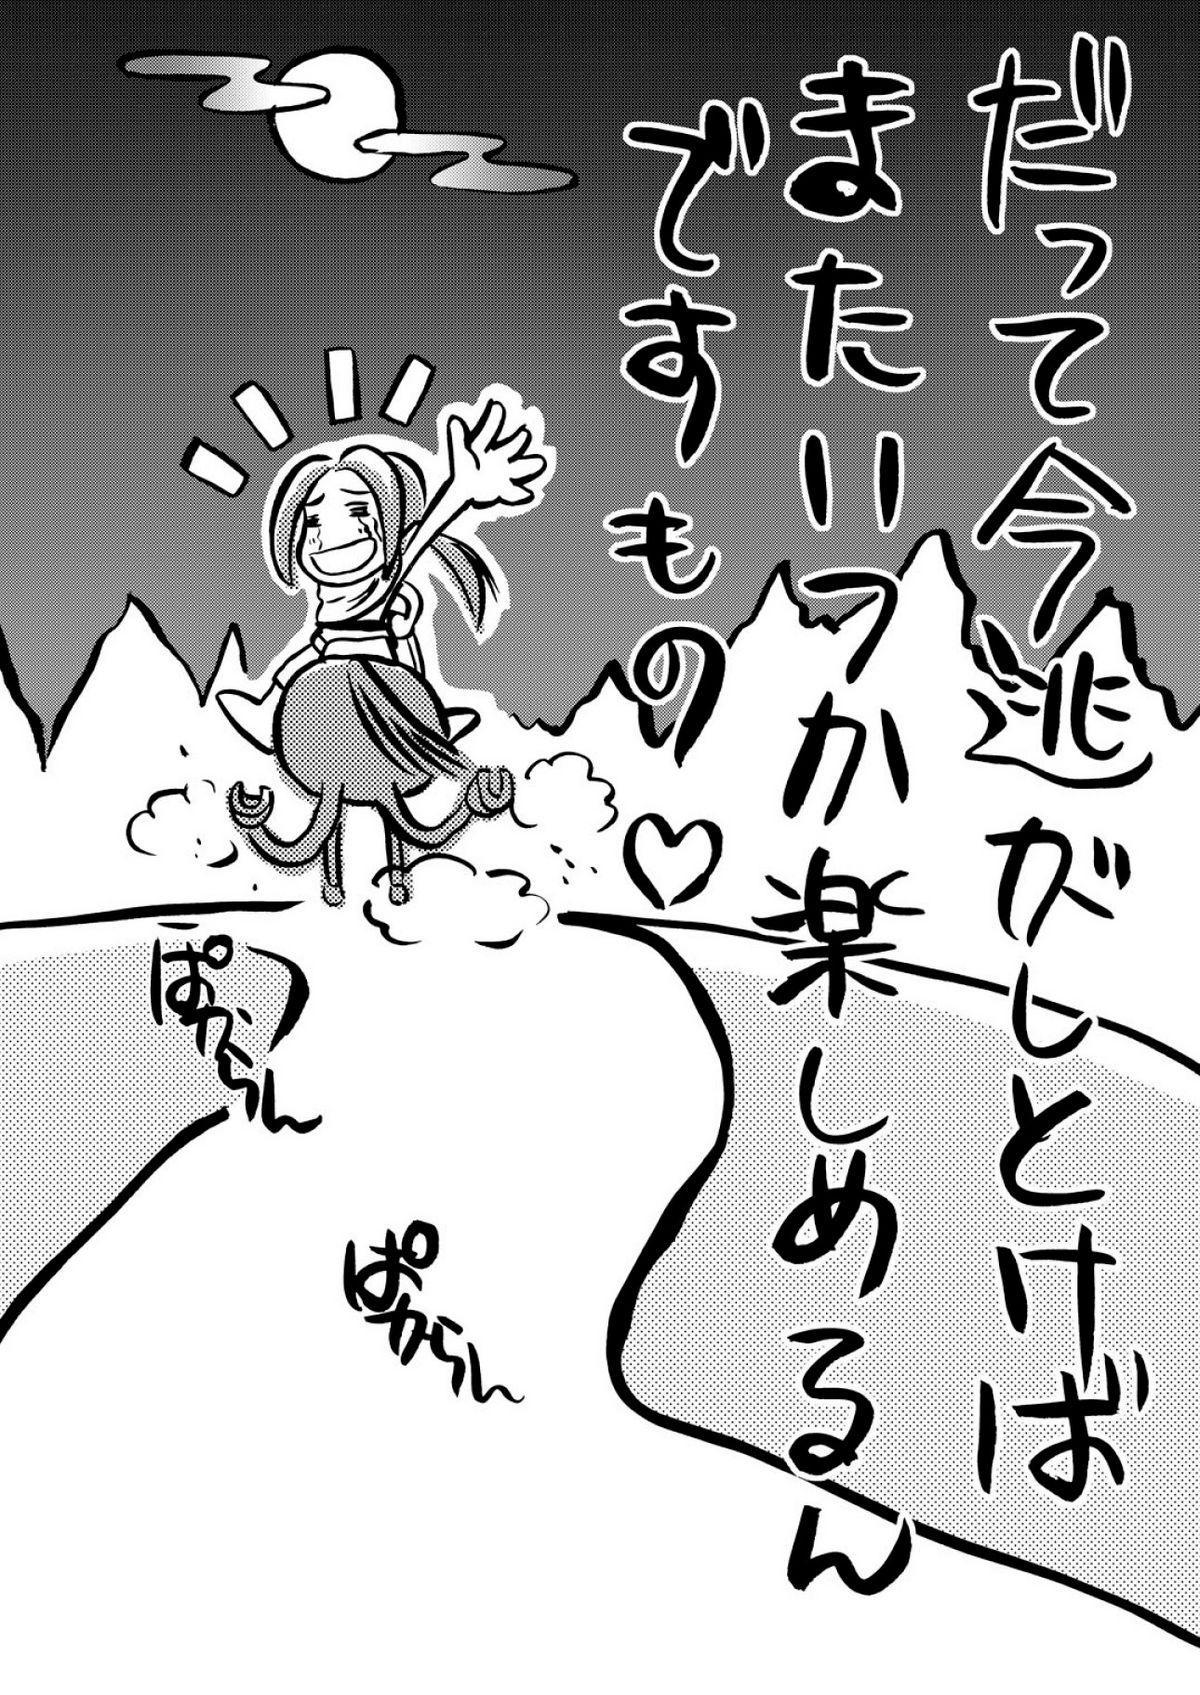 In Sangoku Musou 3 27